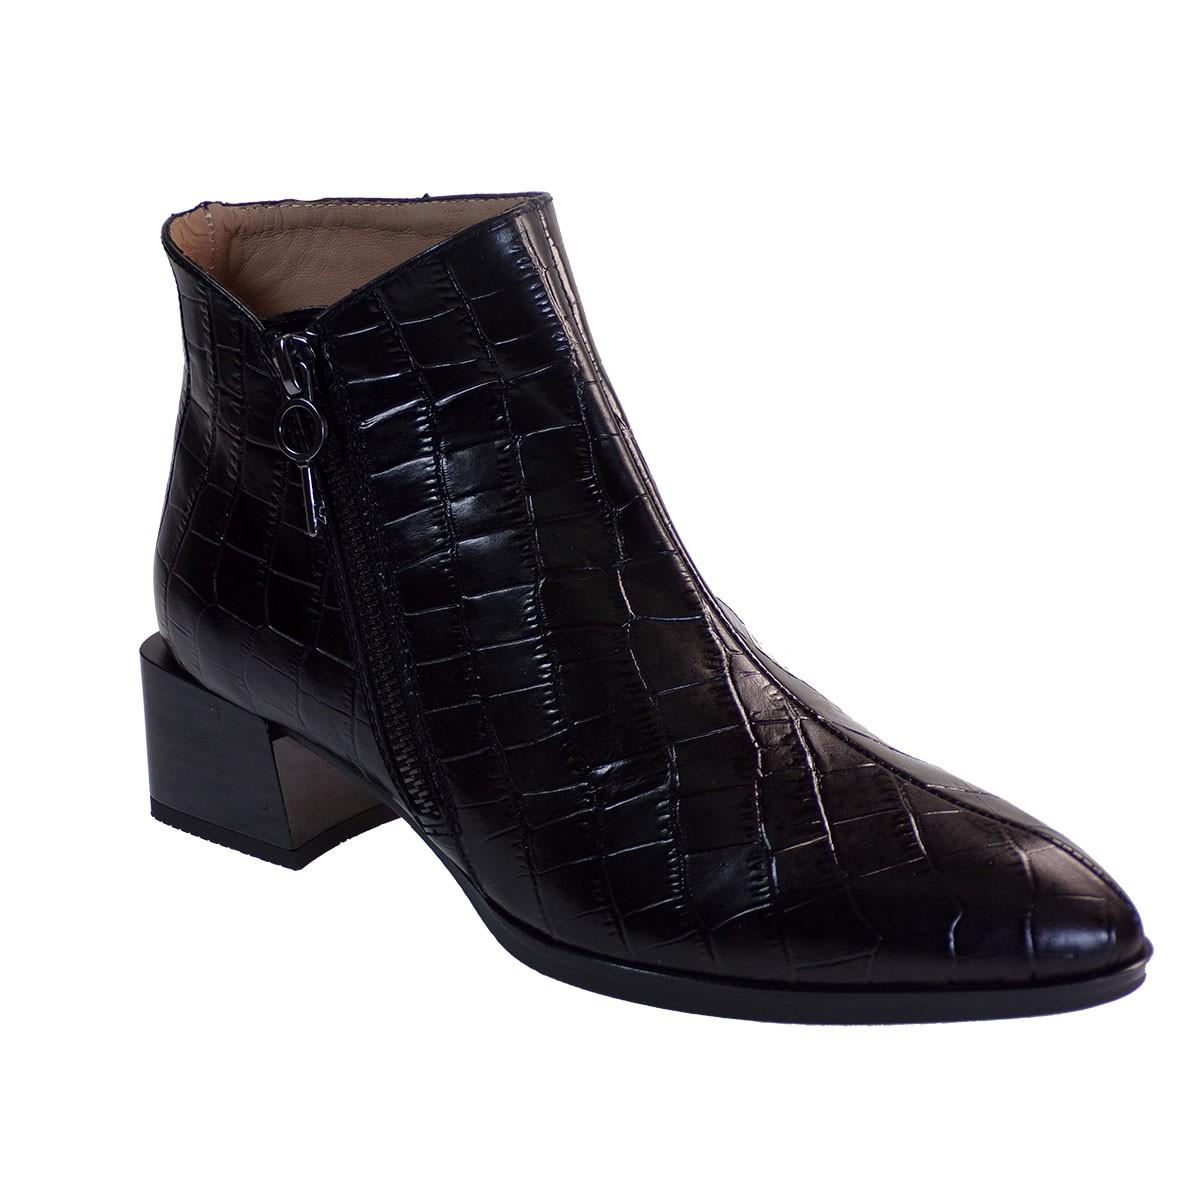 Hispanitas Γυναικεία Παπούτσια Mποτάκια HI00522 Μαύρο Δέρμα